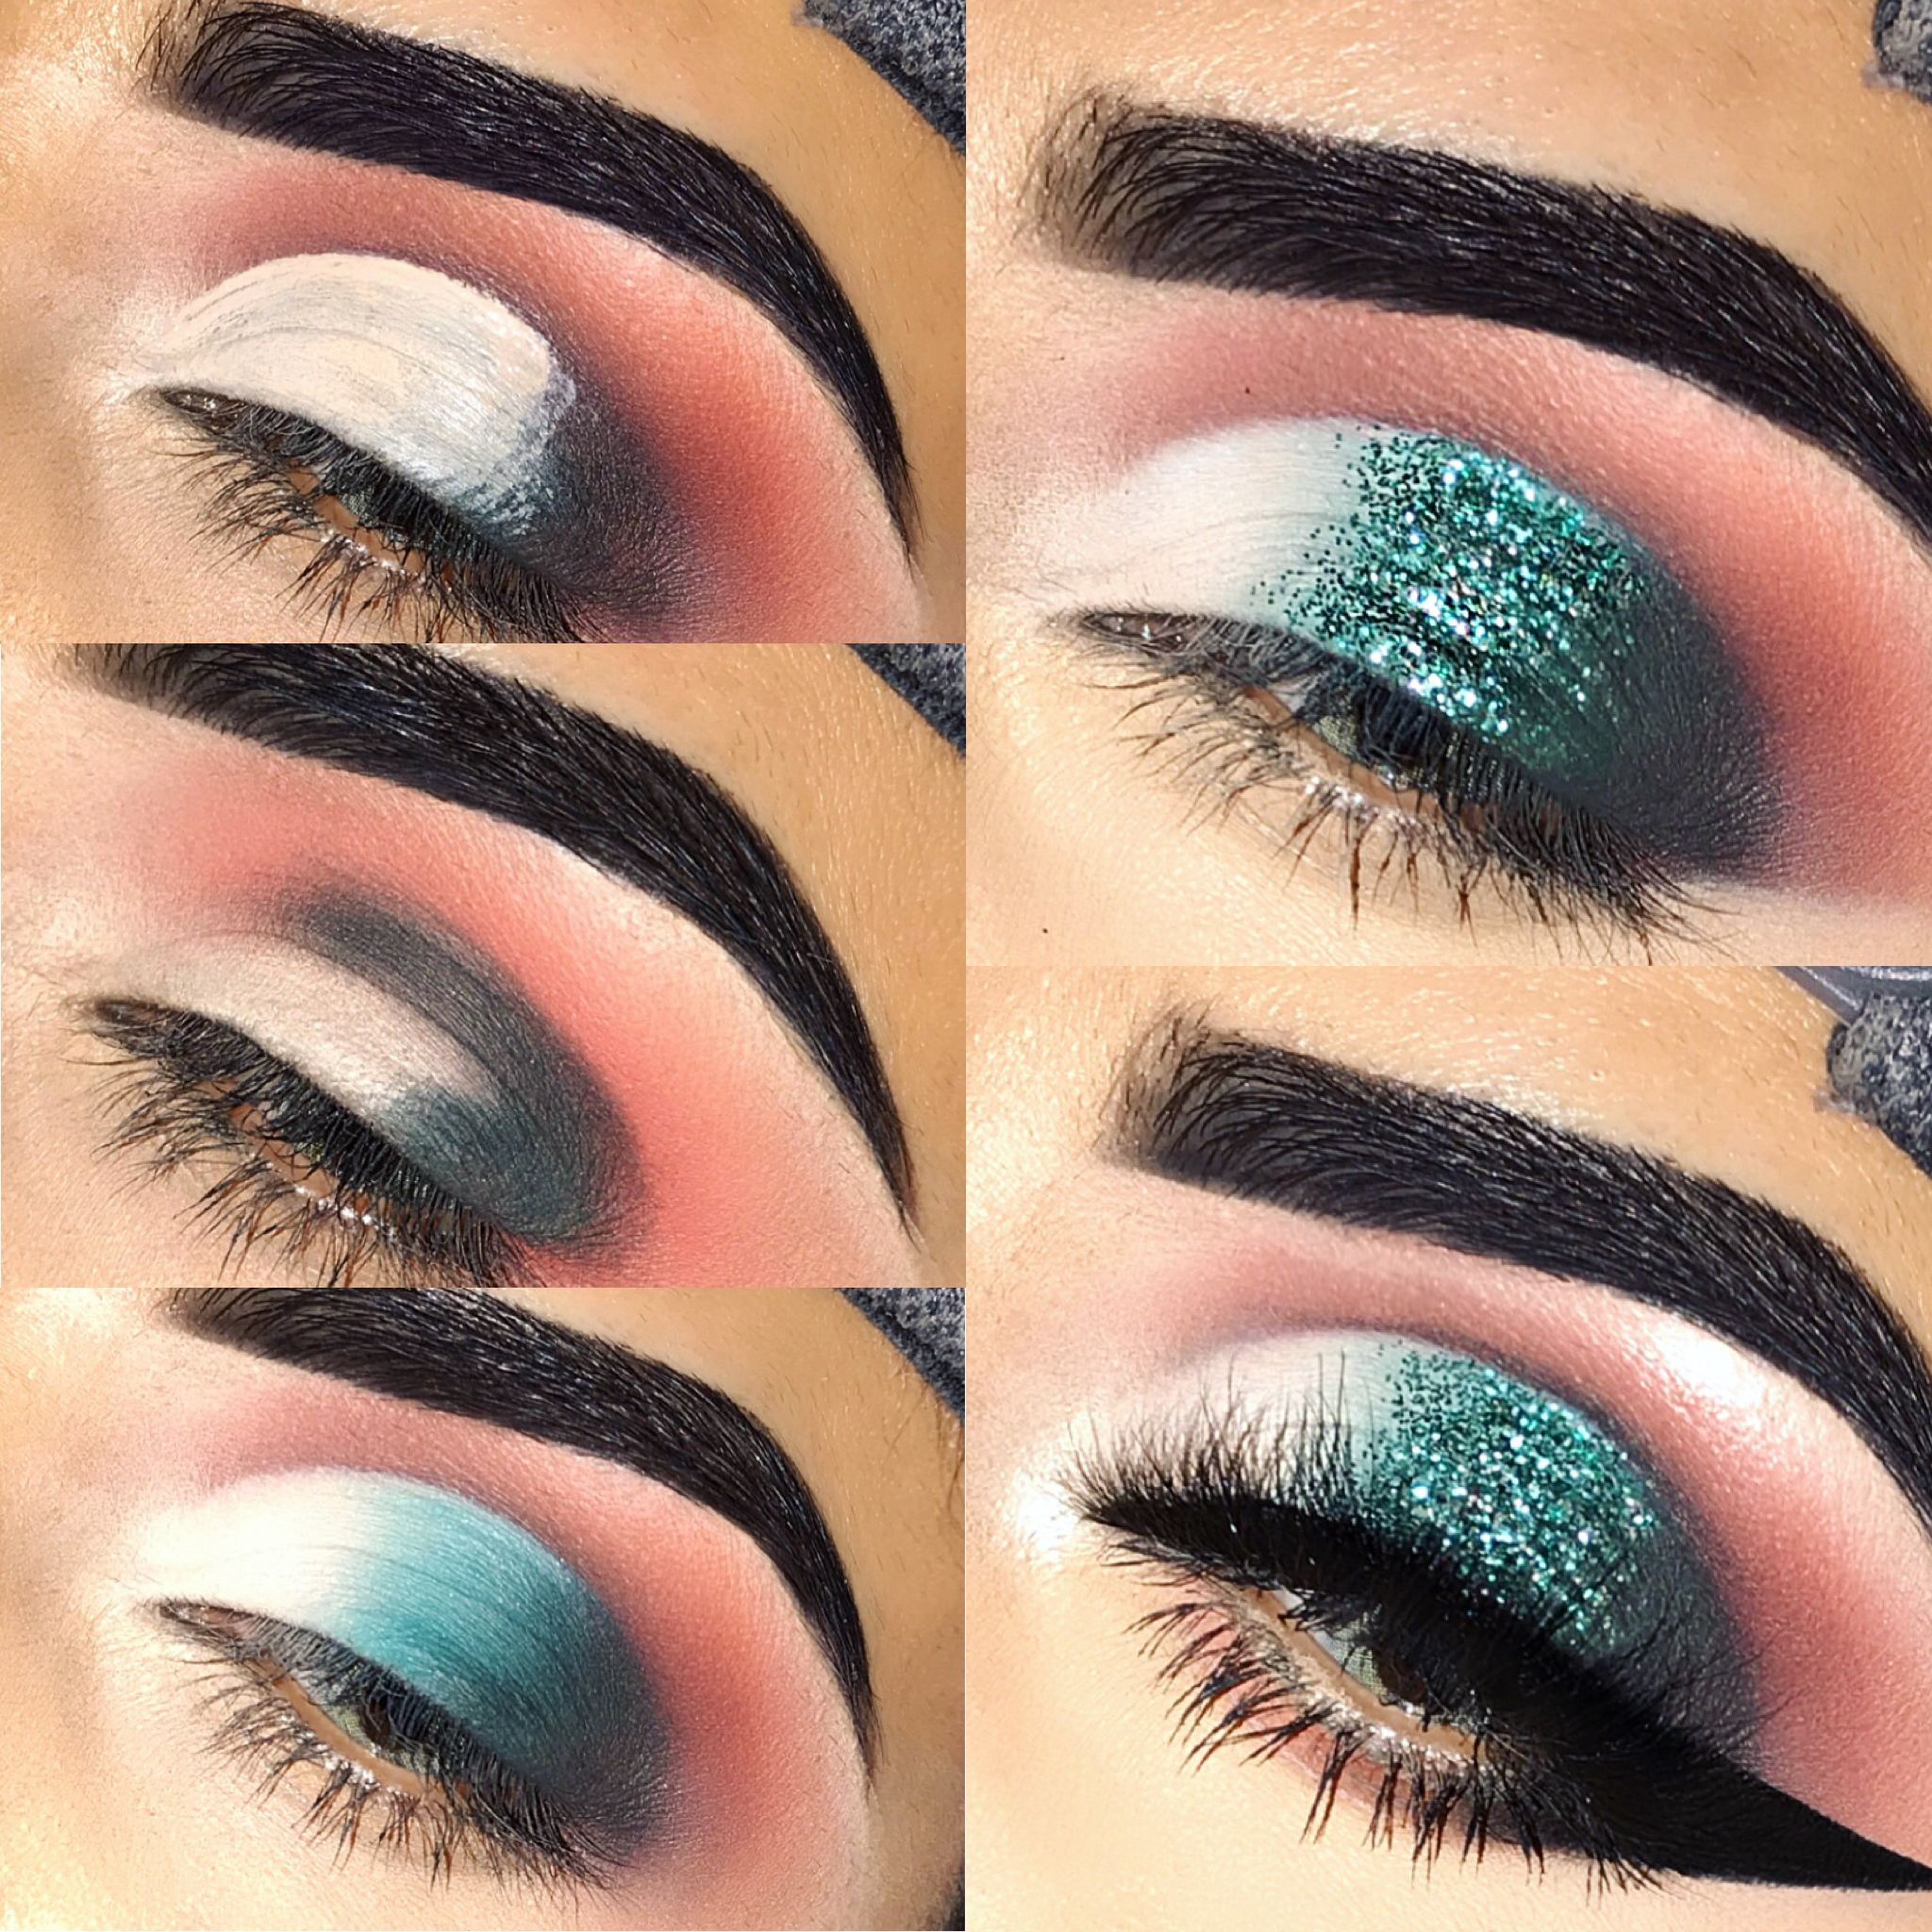 Pin by TrueSugar on Beautiful makeup looks Eyeshadow for